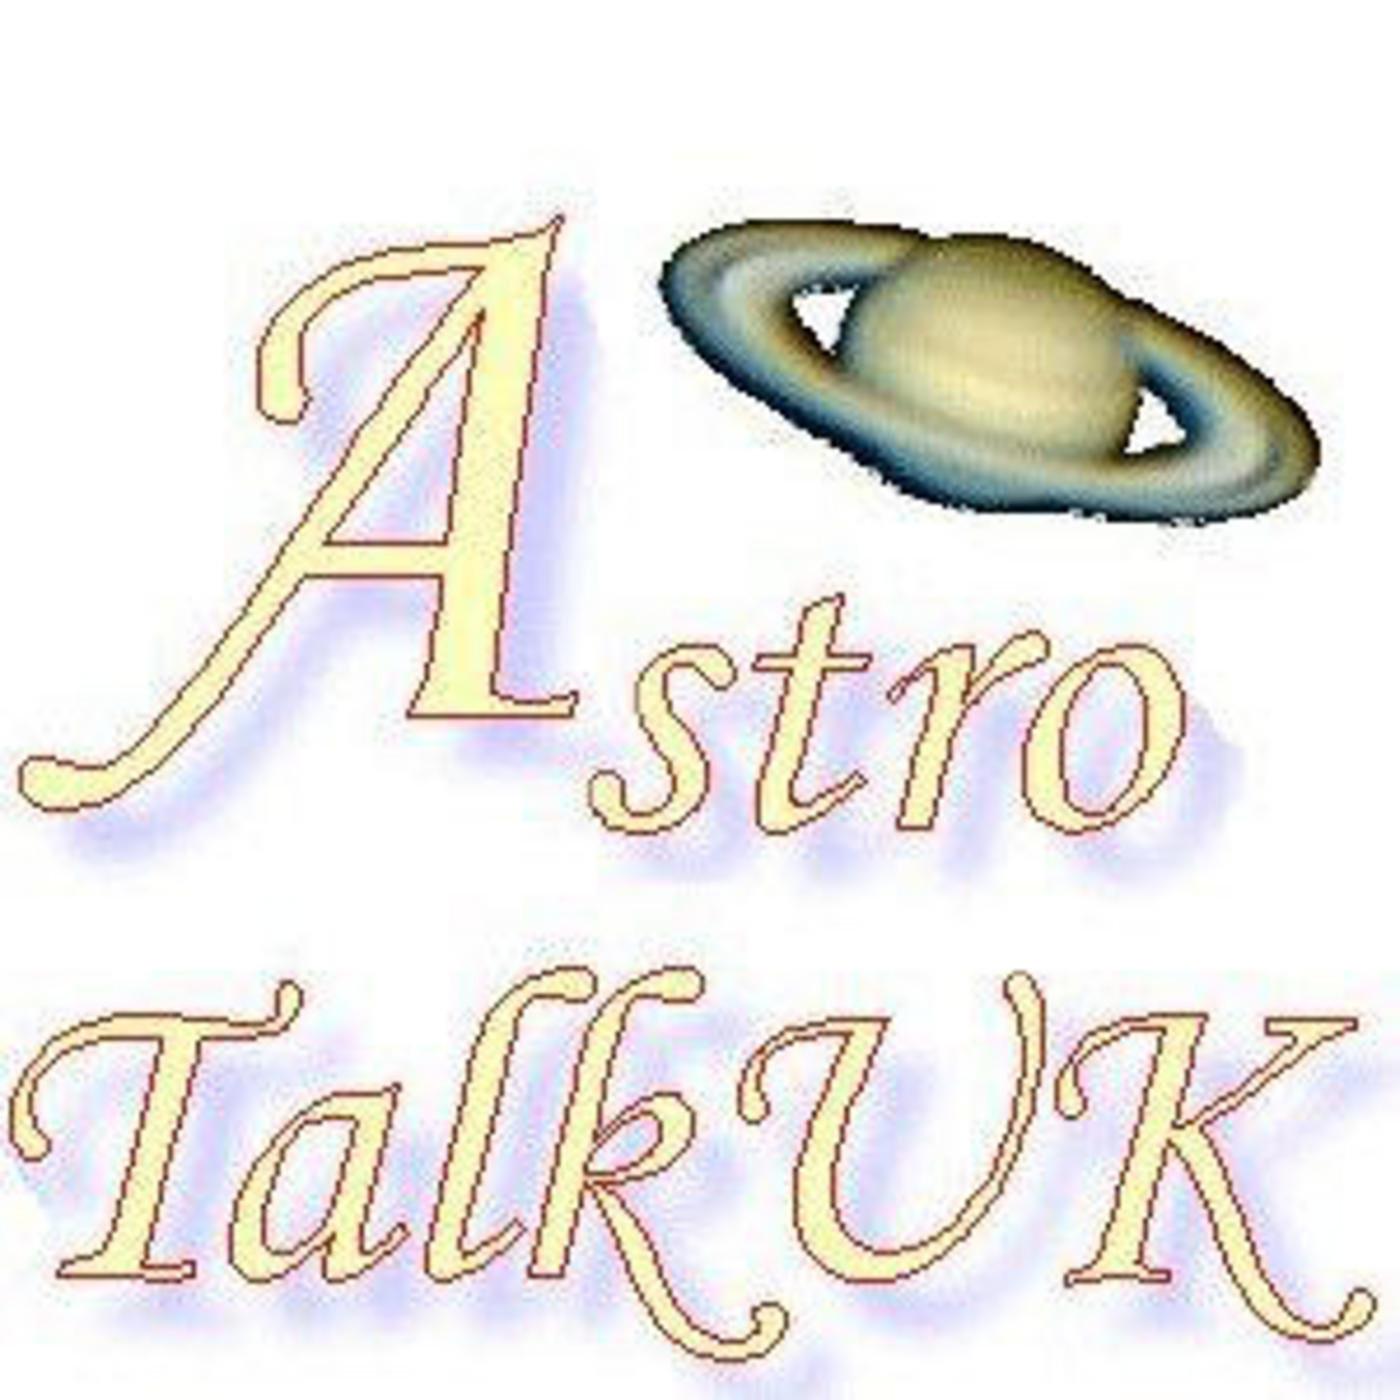 Episode 56: 7th October 2012 – SpaceguardUK